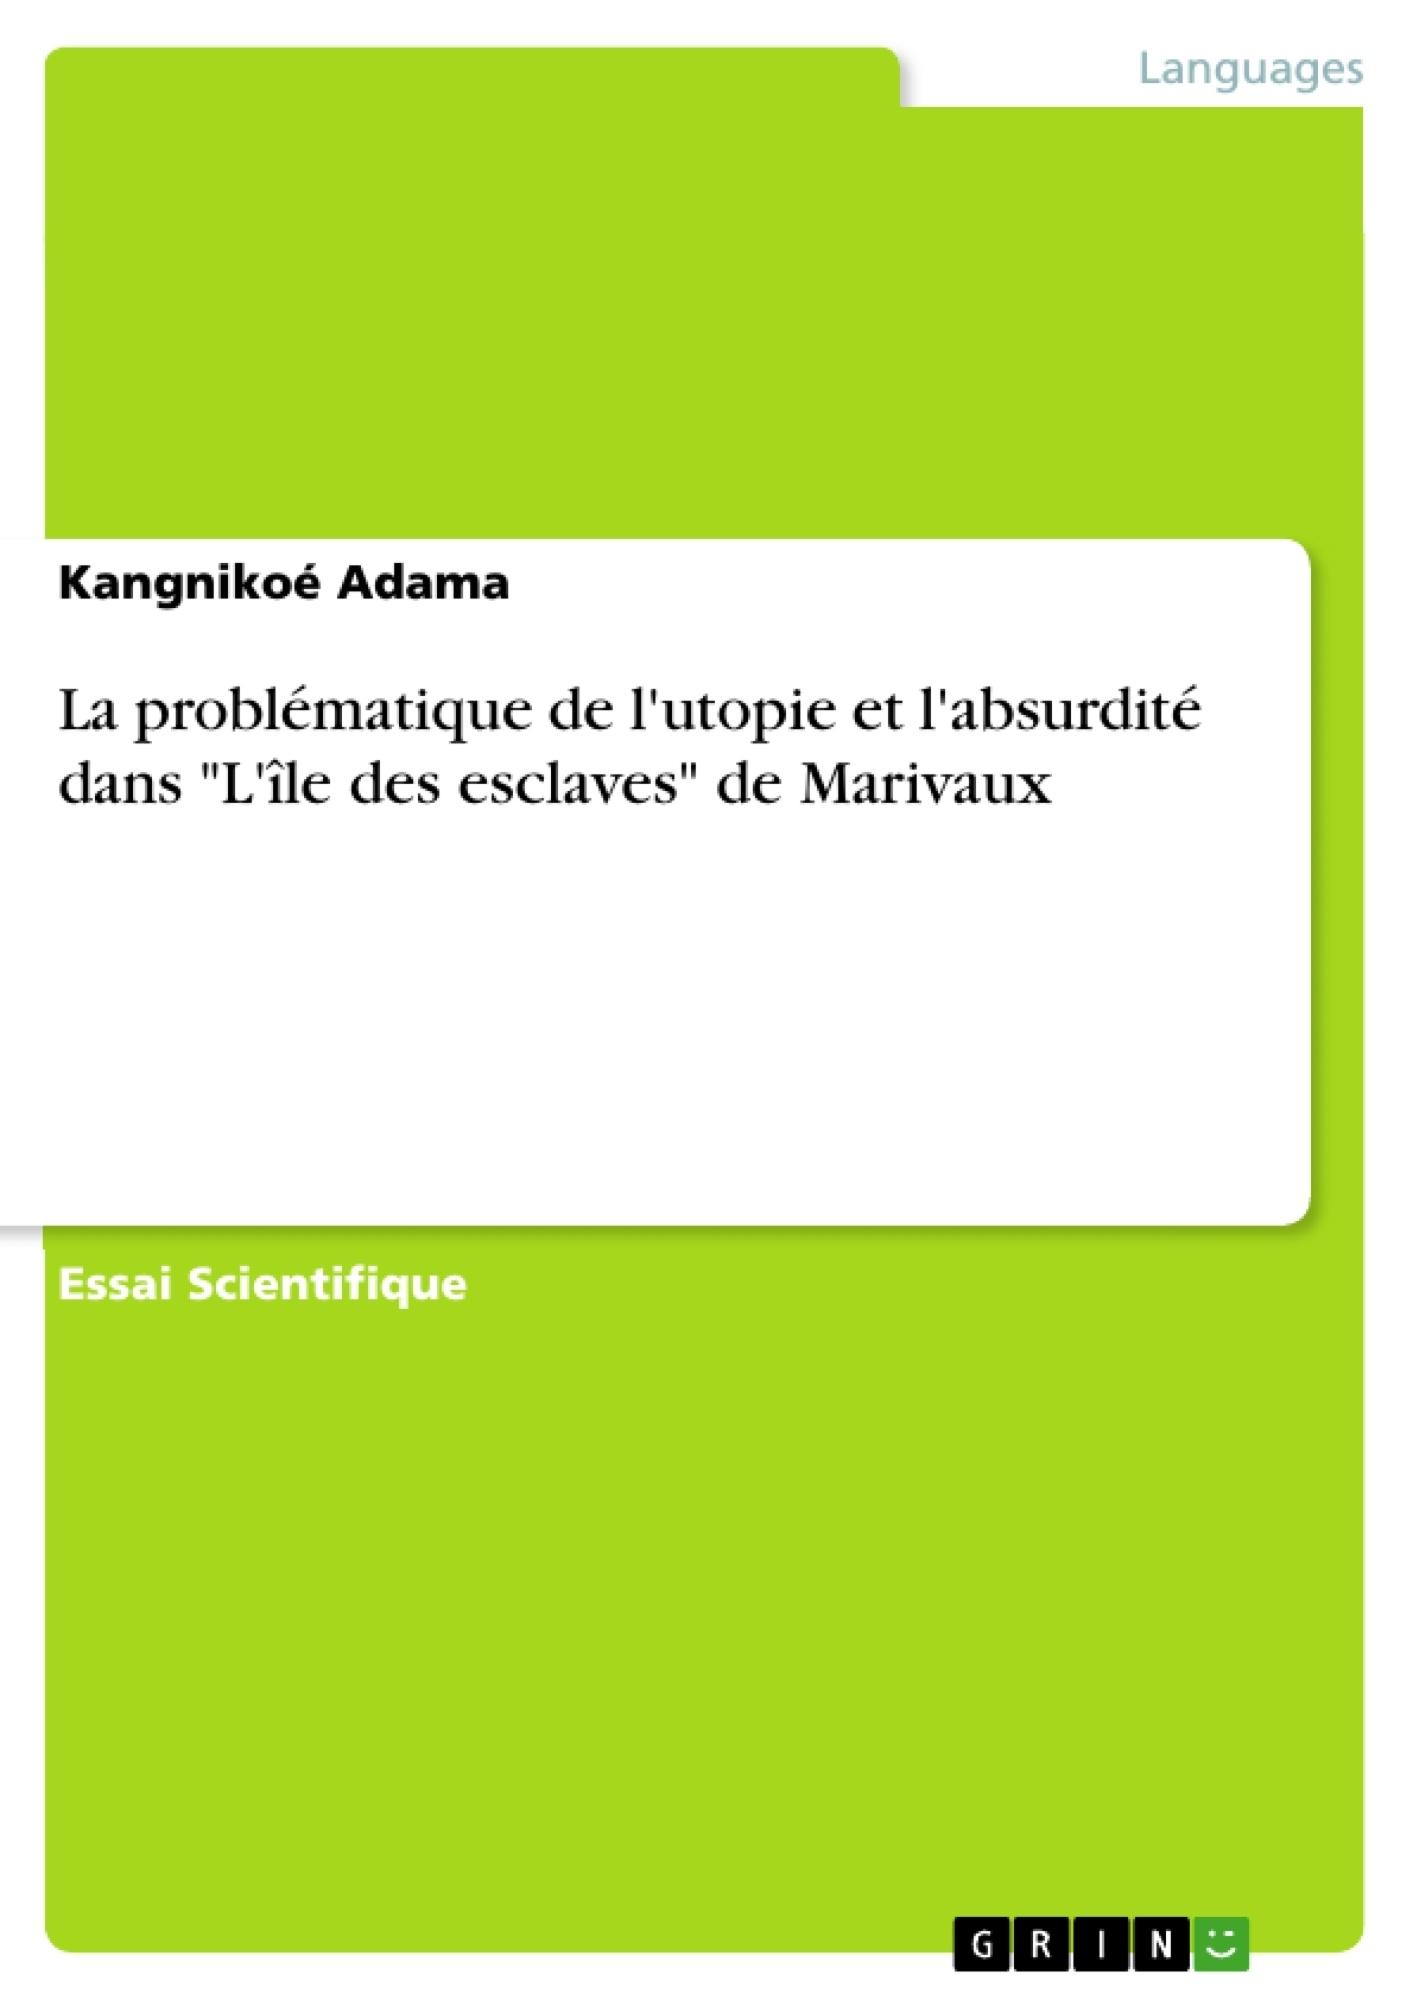 """Titre: La problématique de l'utopie et l'absurdité dans """"L'île des esclaves"""" de Marivaux"""